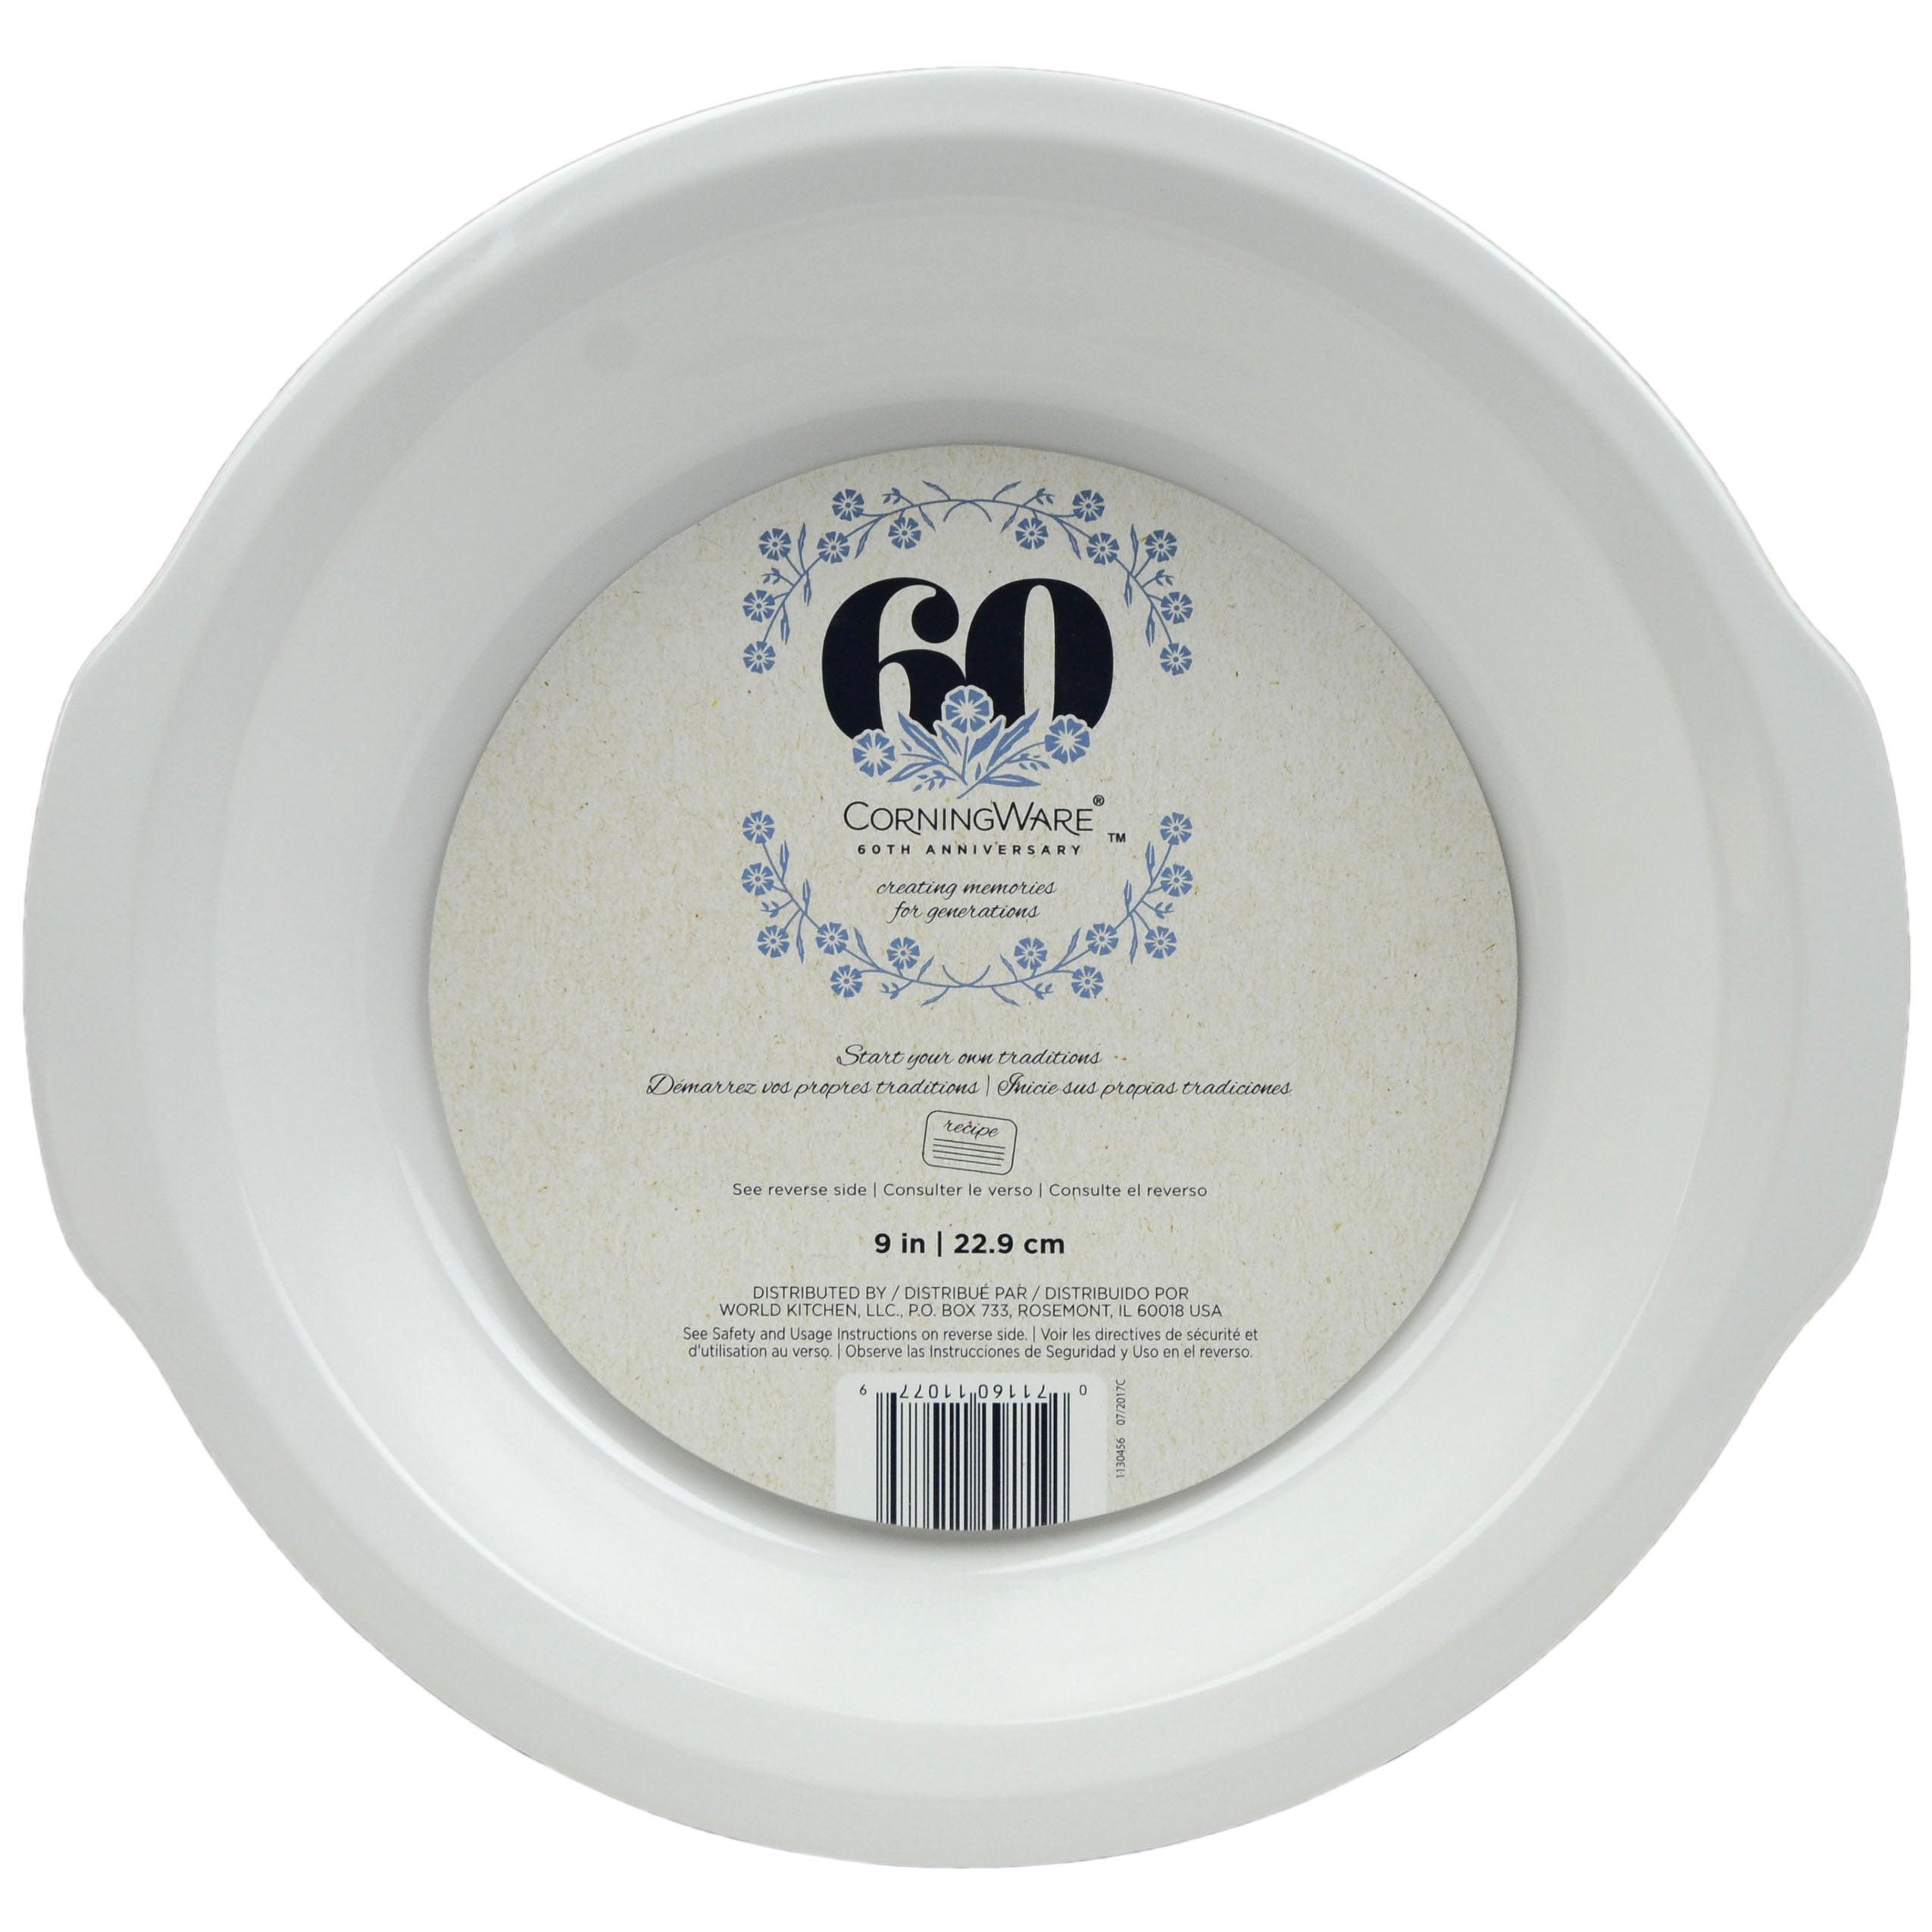 CorningWare 60th Anniversary 9-Inch Pie Plate